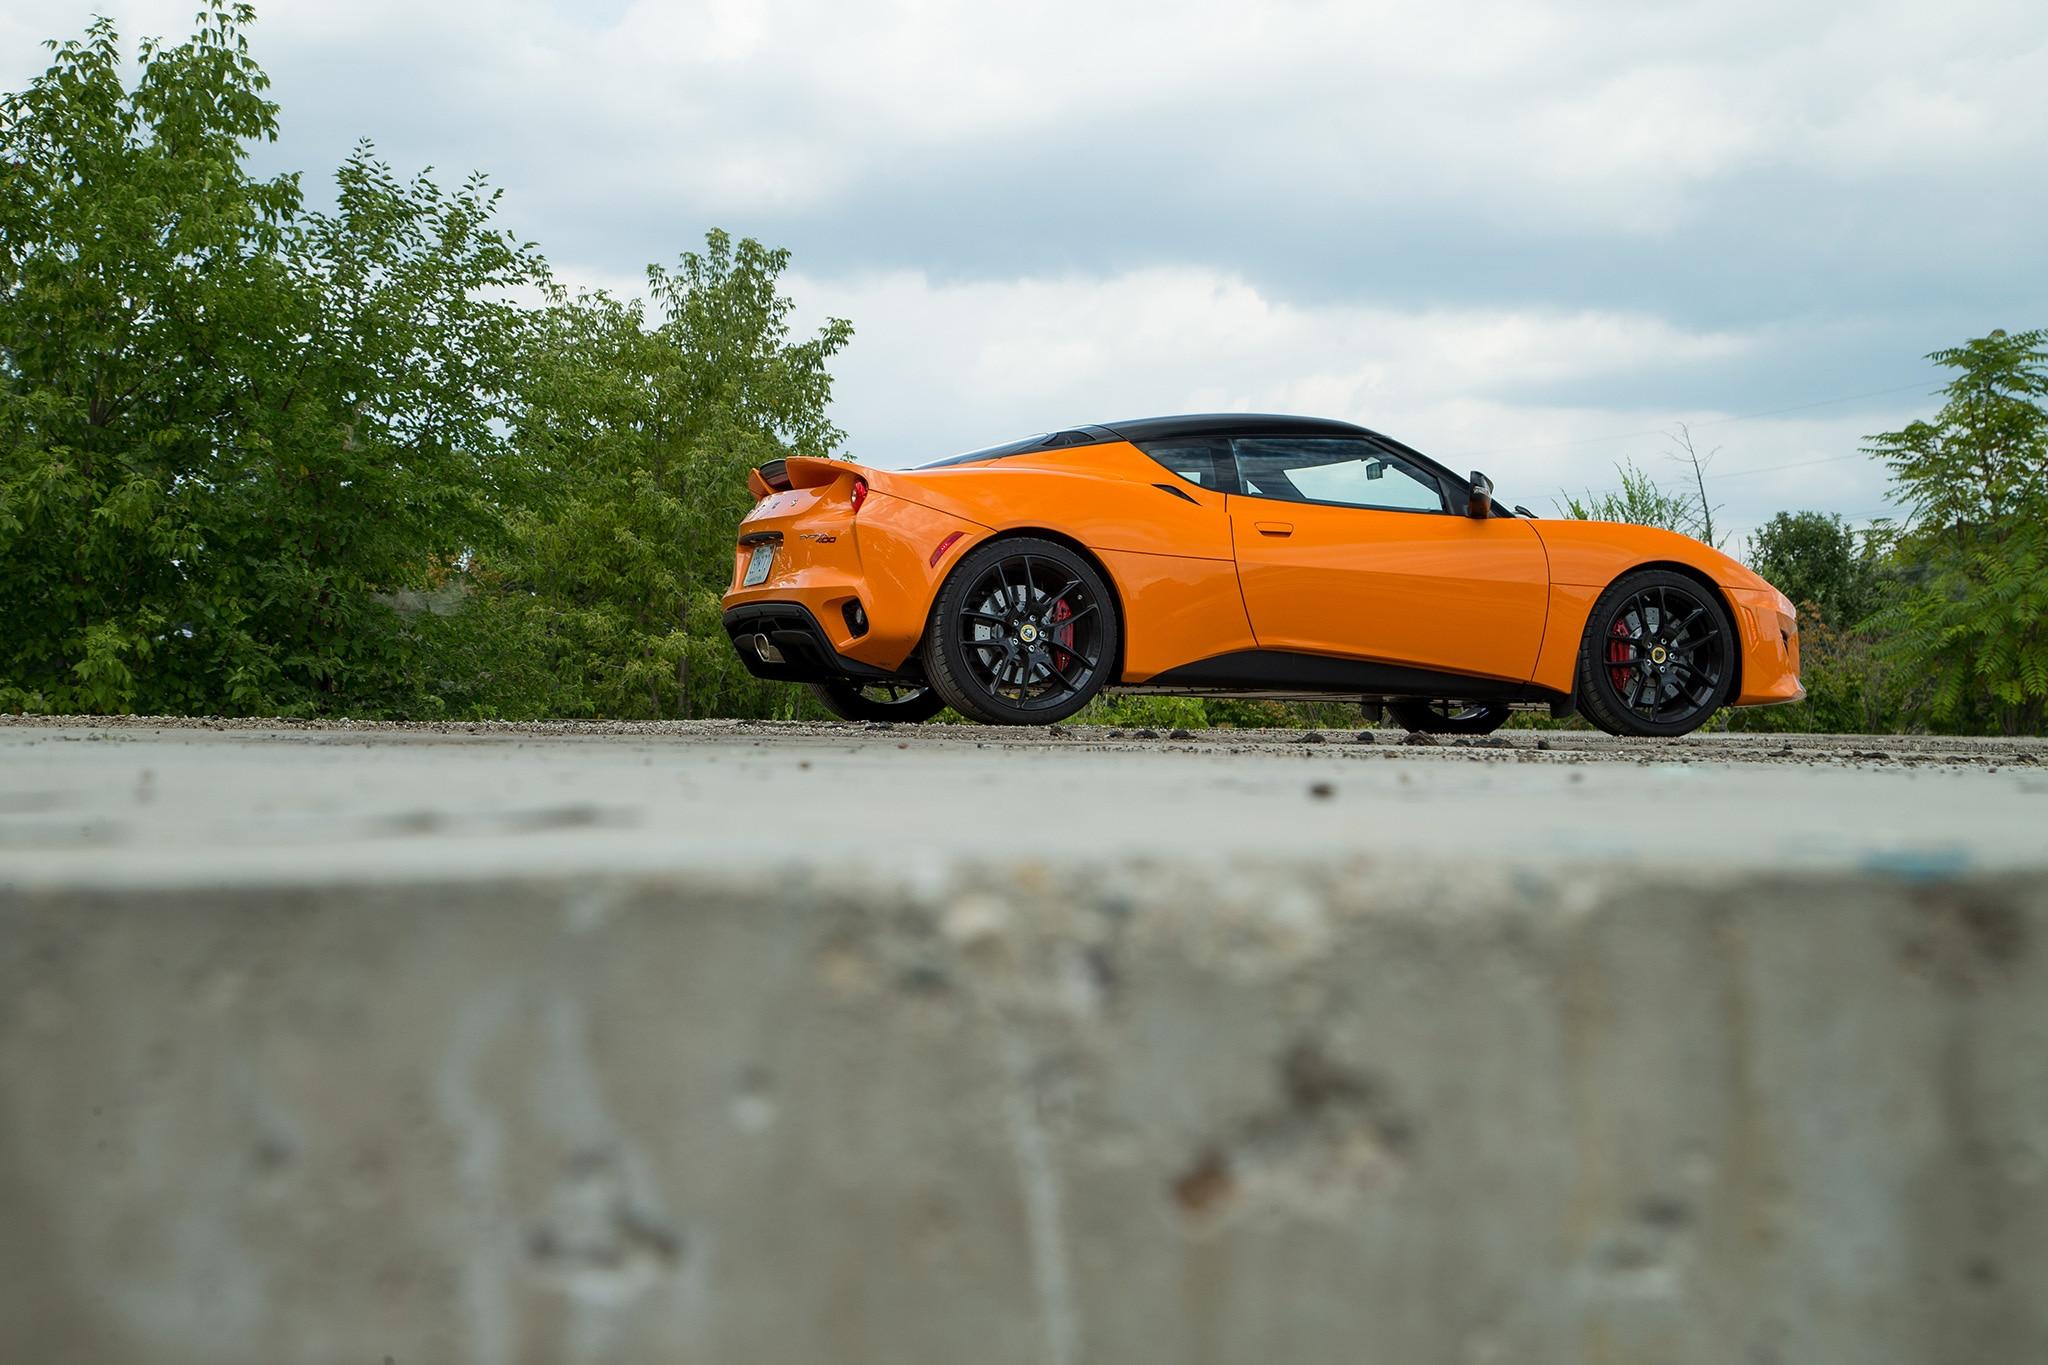 2017 Lotus Evora 400 Side Profile 1